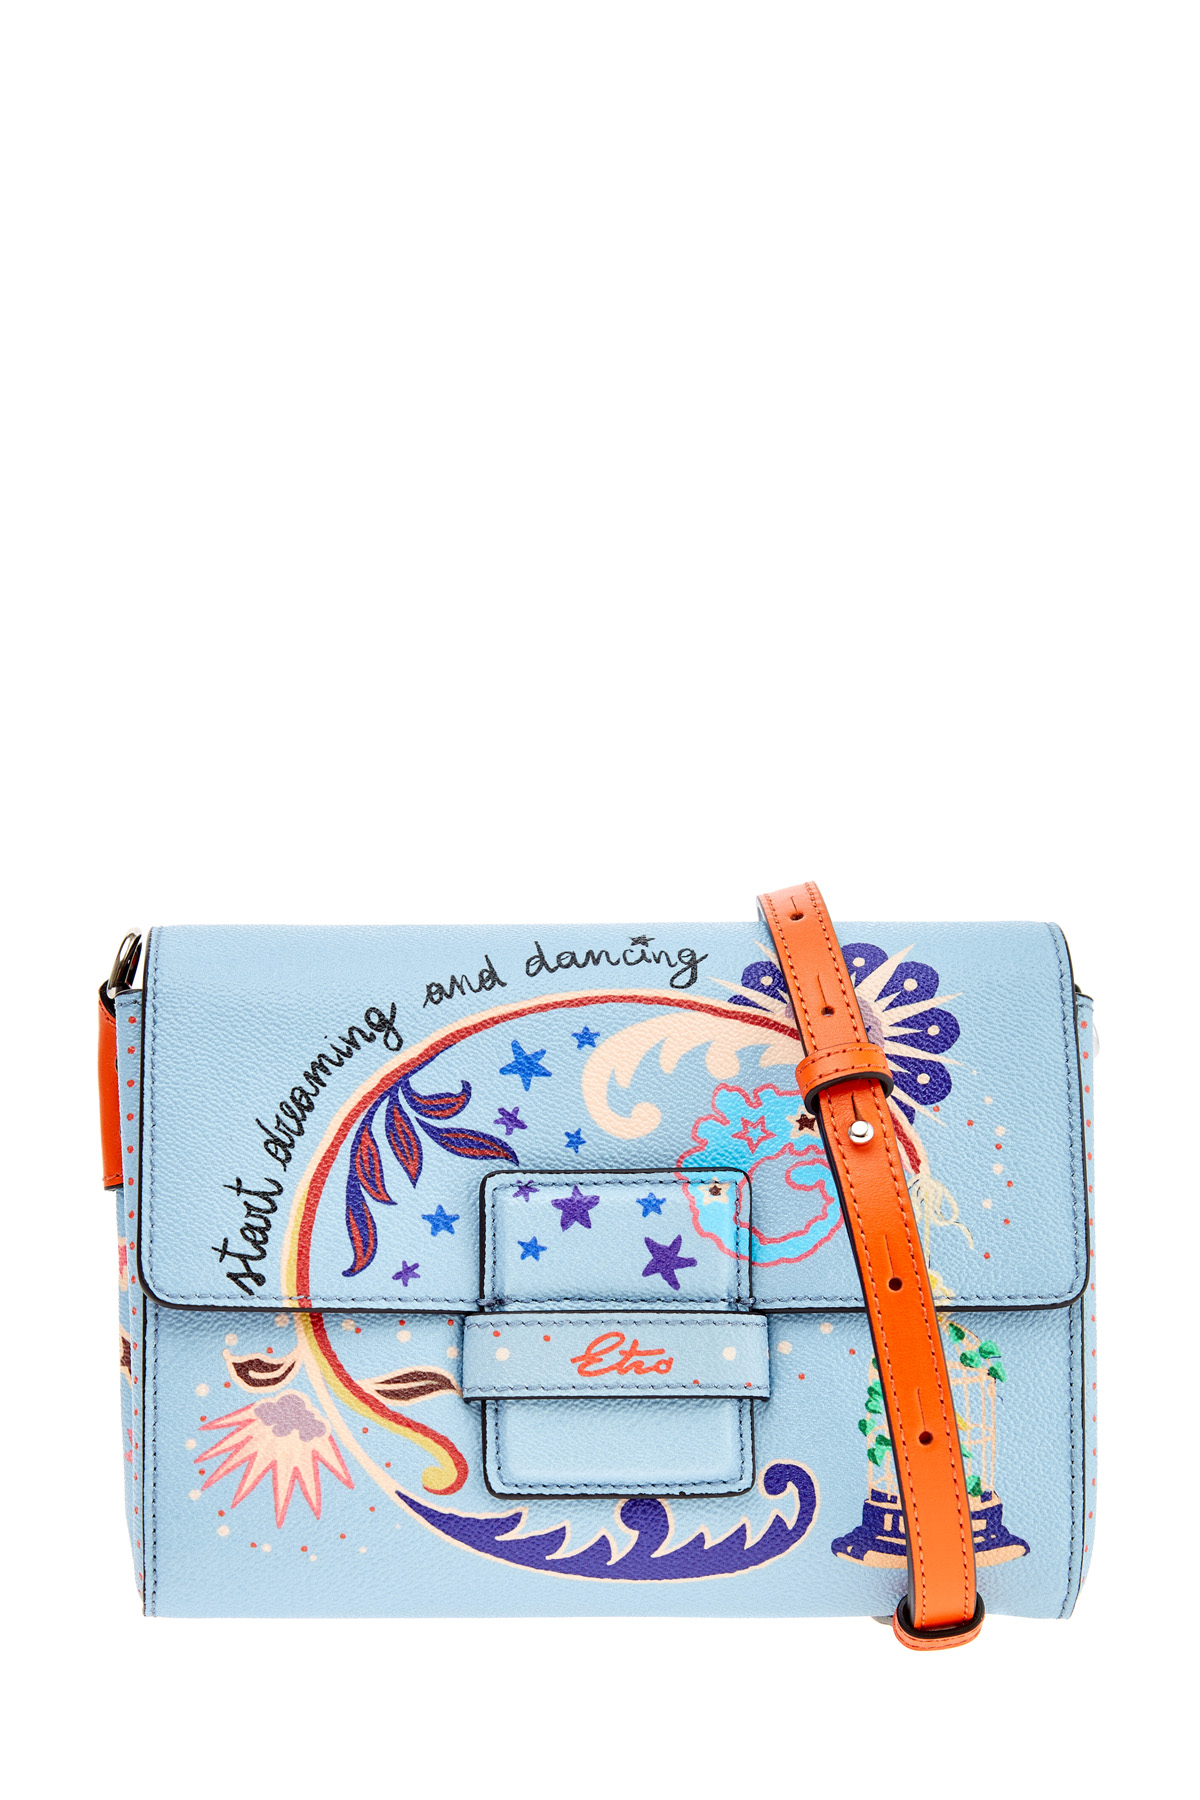 Купить Клатч из зернистой кожи с принтом The Daydreamer, ETRO, Италия, полиэстер 58%, хлопок 42%, кожа 100%